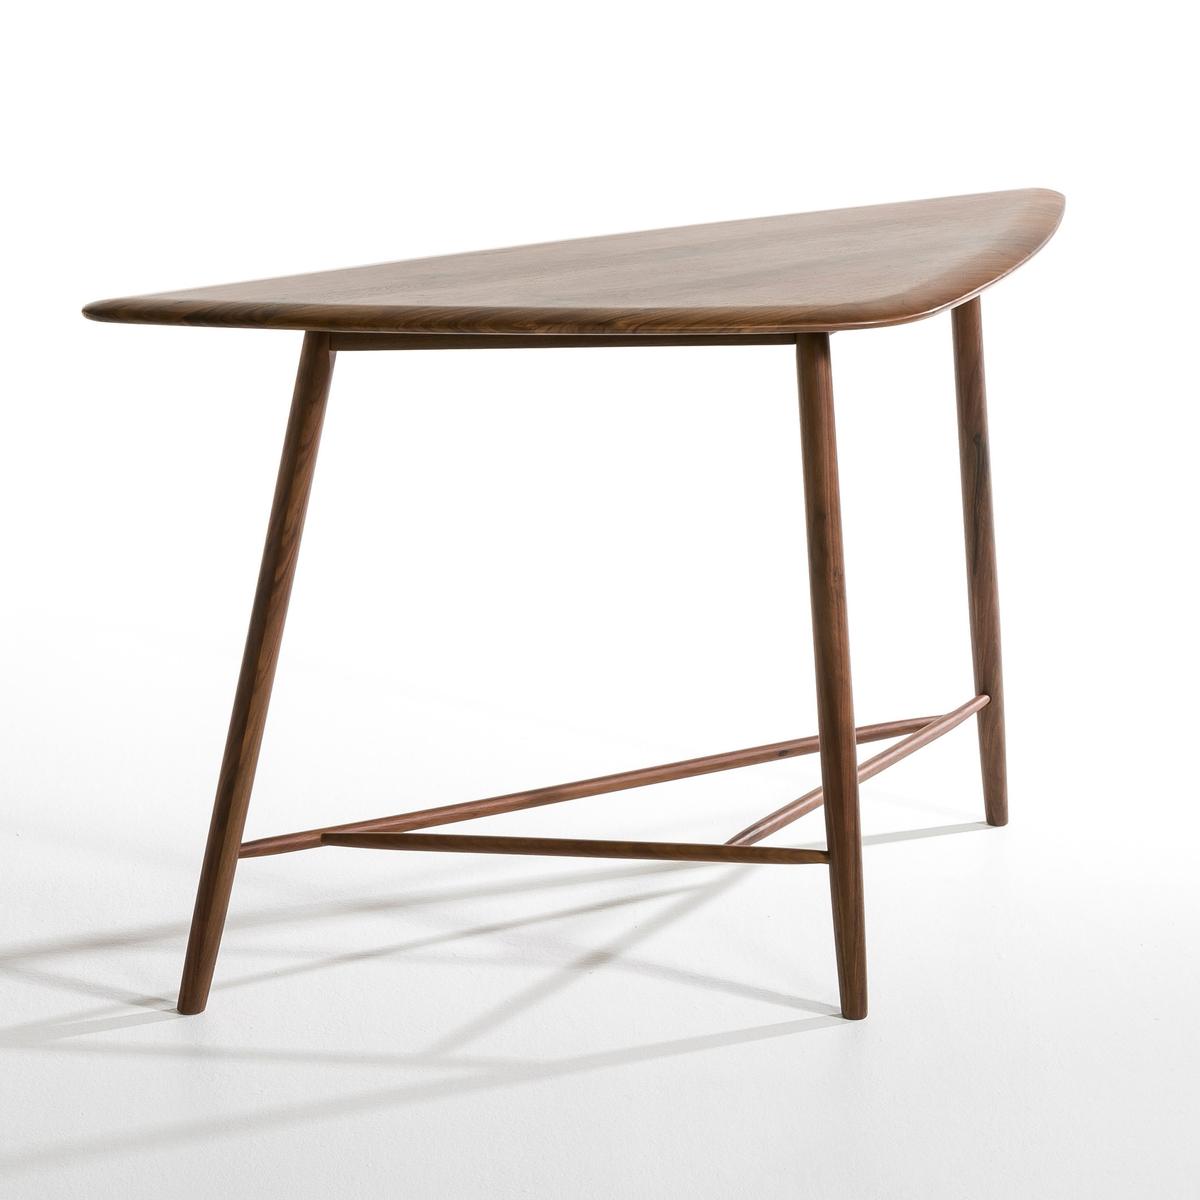 Столик с выгнутыми ножками из массива орехового дерева, Kansol от La Redoute